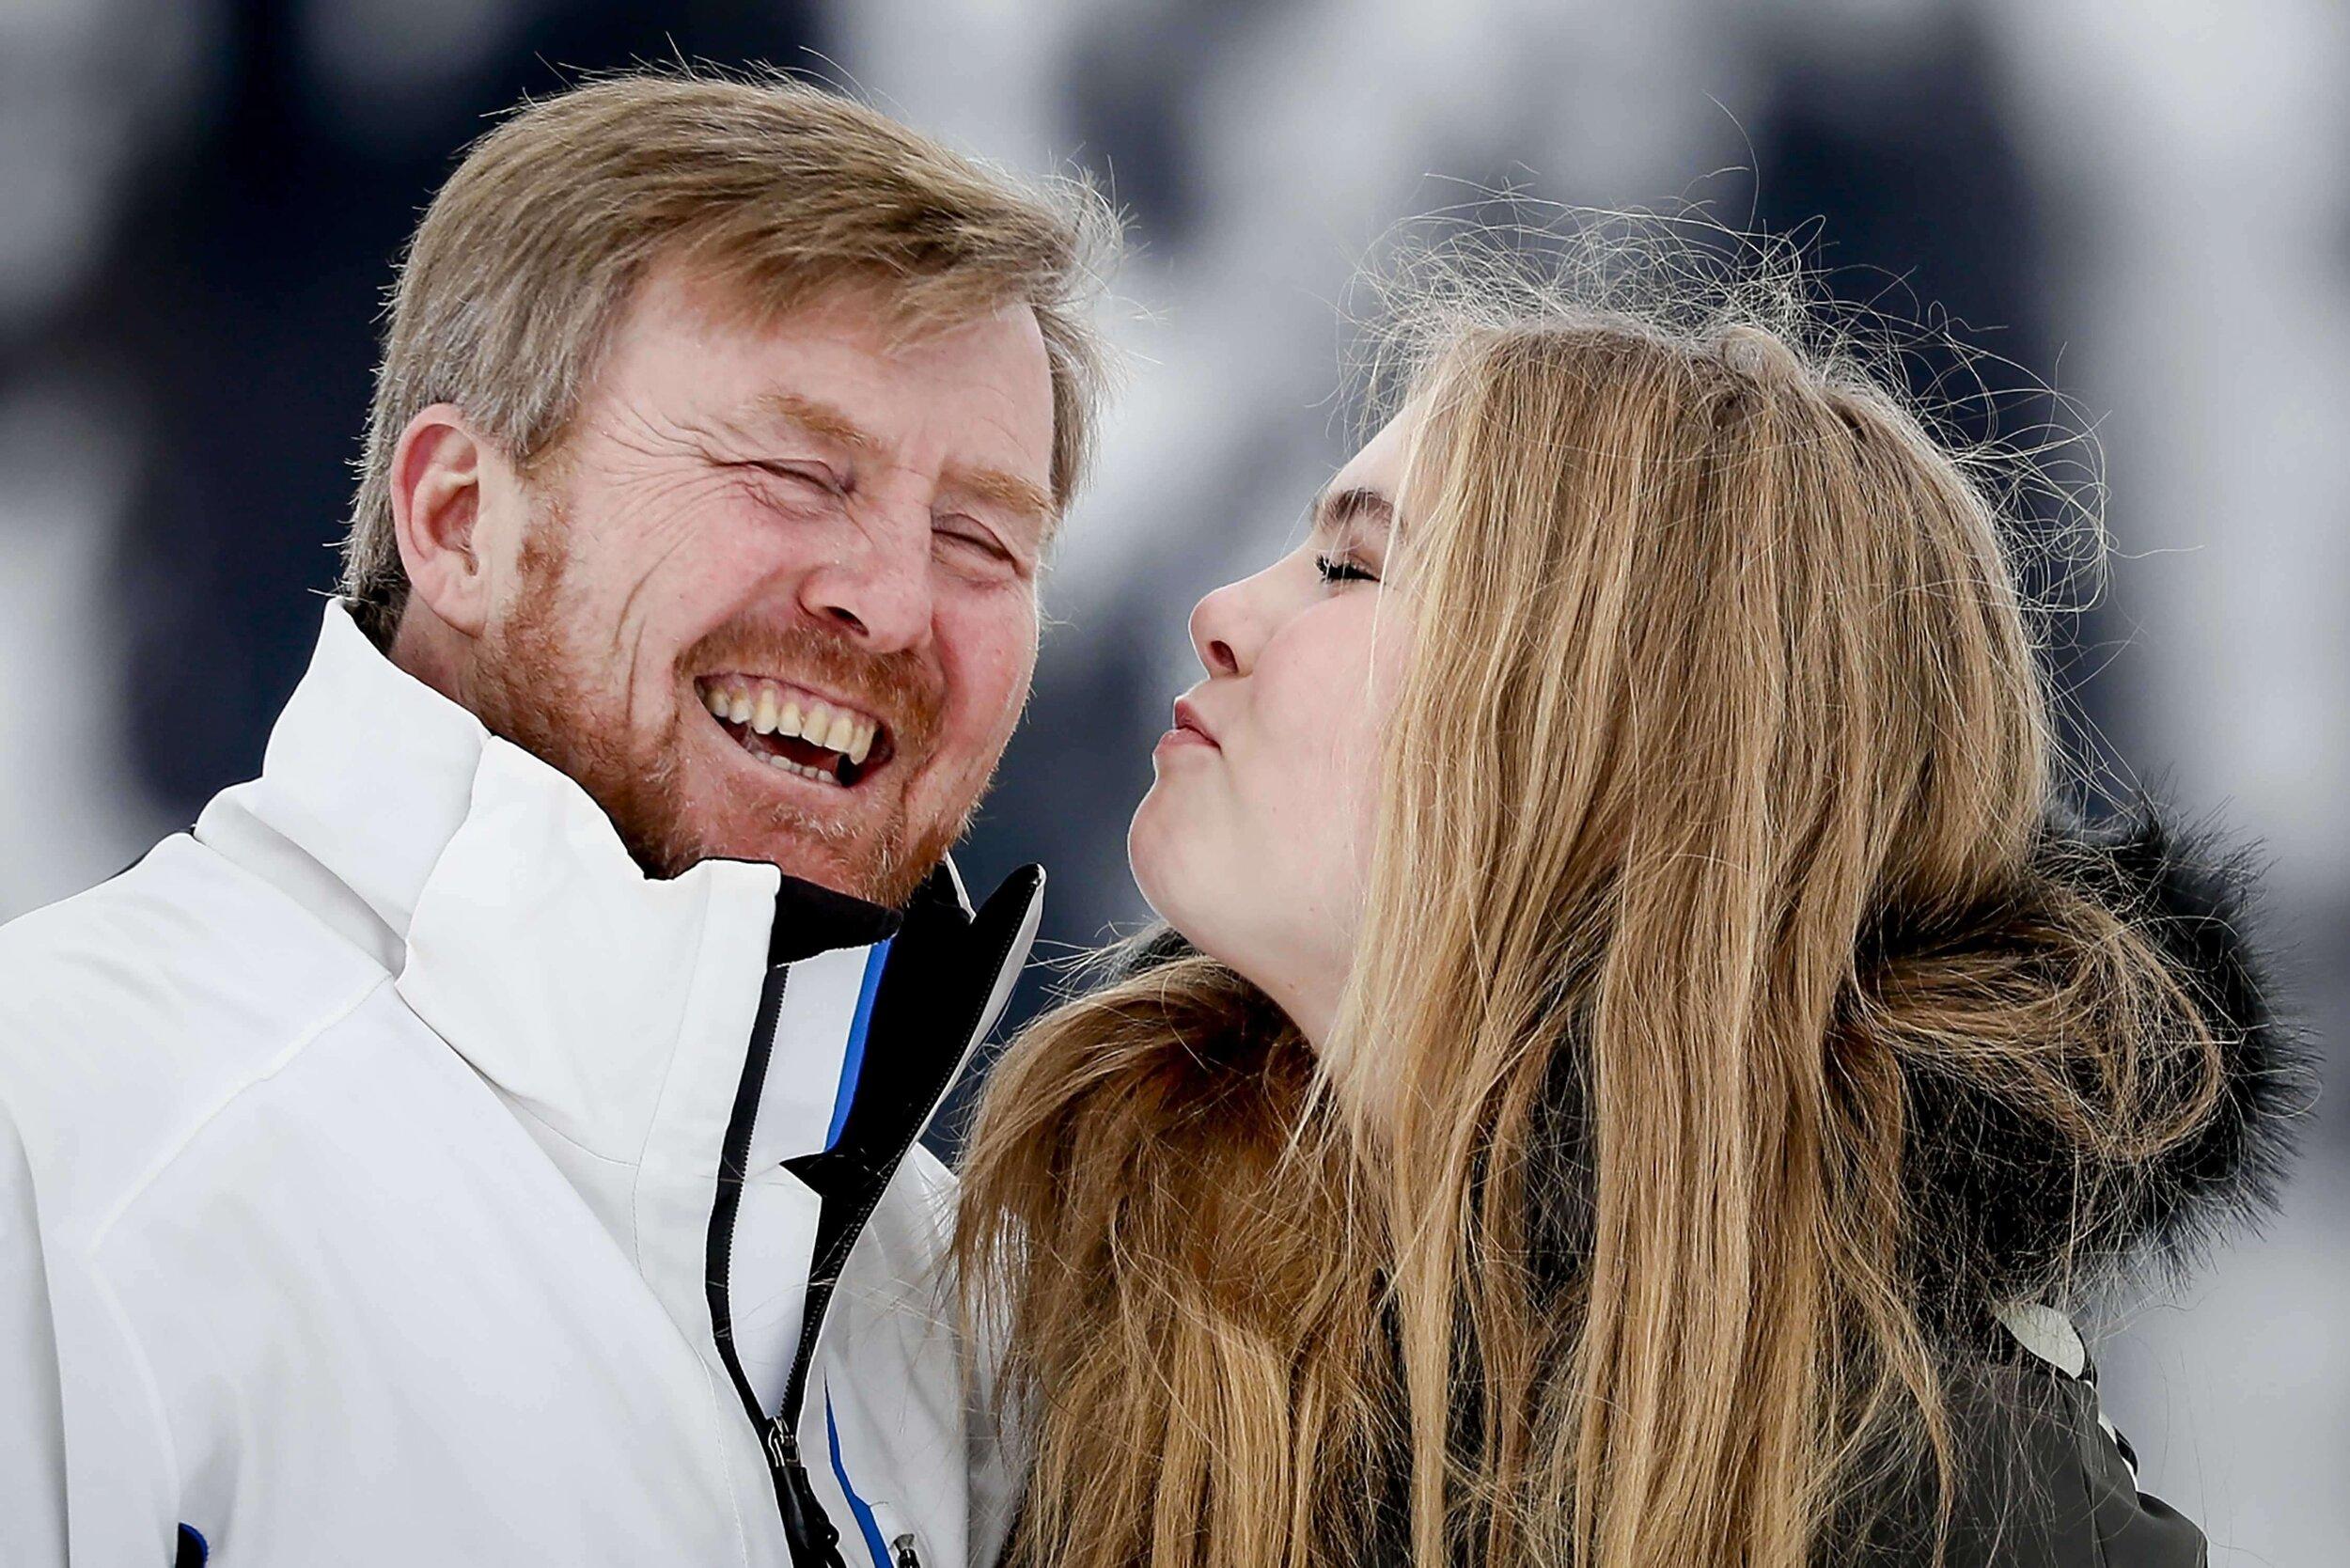 Prinzessin Amalia deutete einen Luftkuss an und brachte damit König Willem-Alexander zu Lachen. © picture alliance / ANP